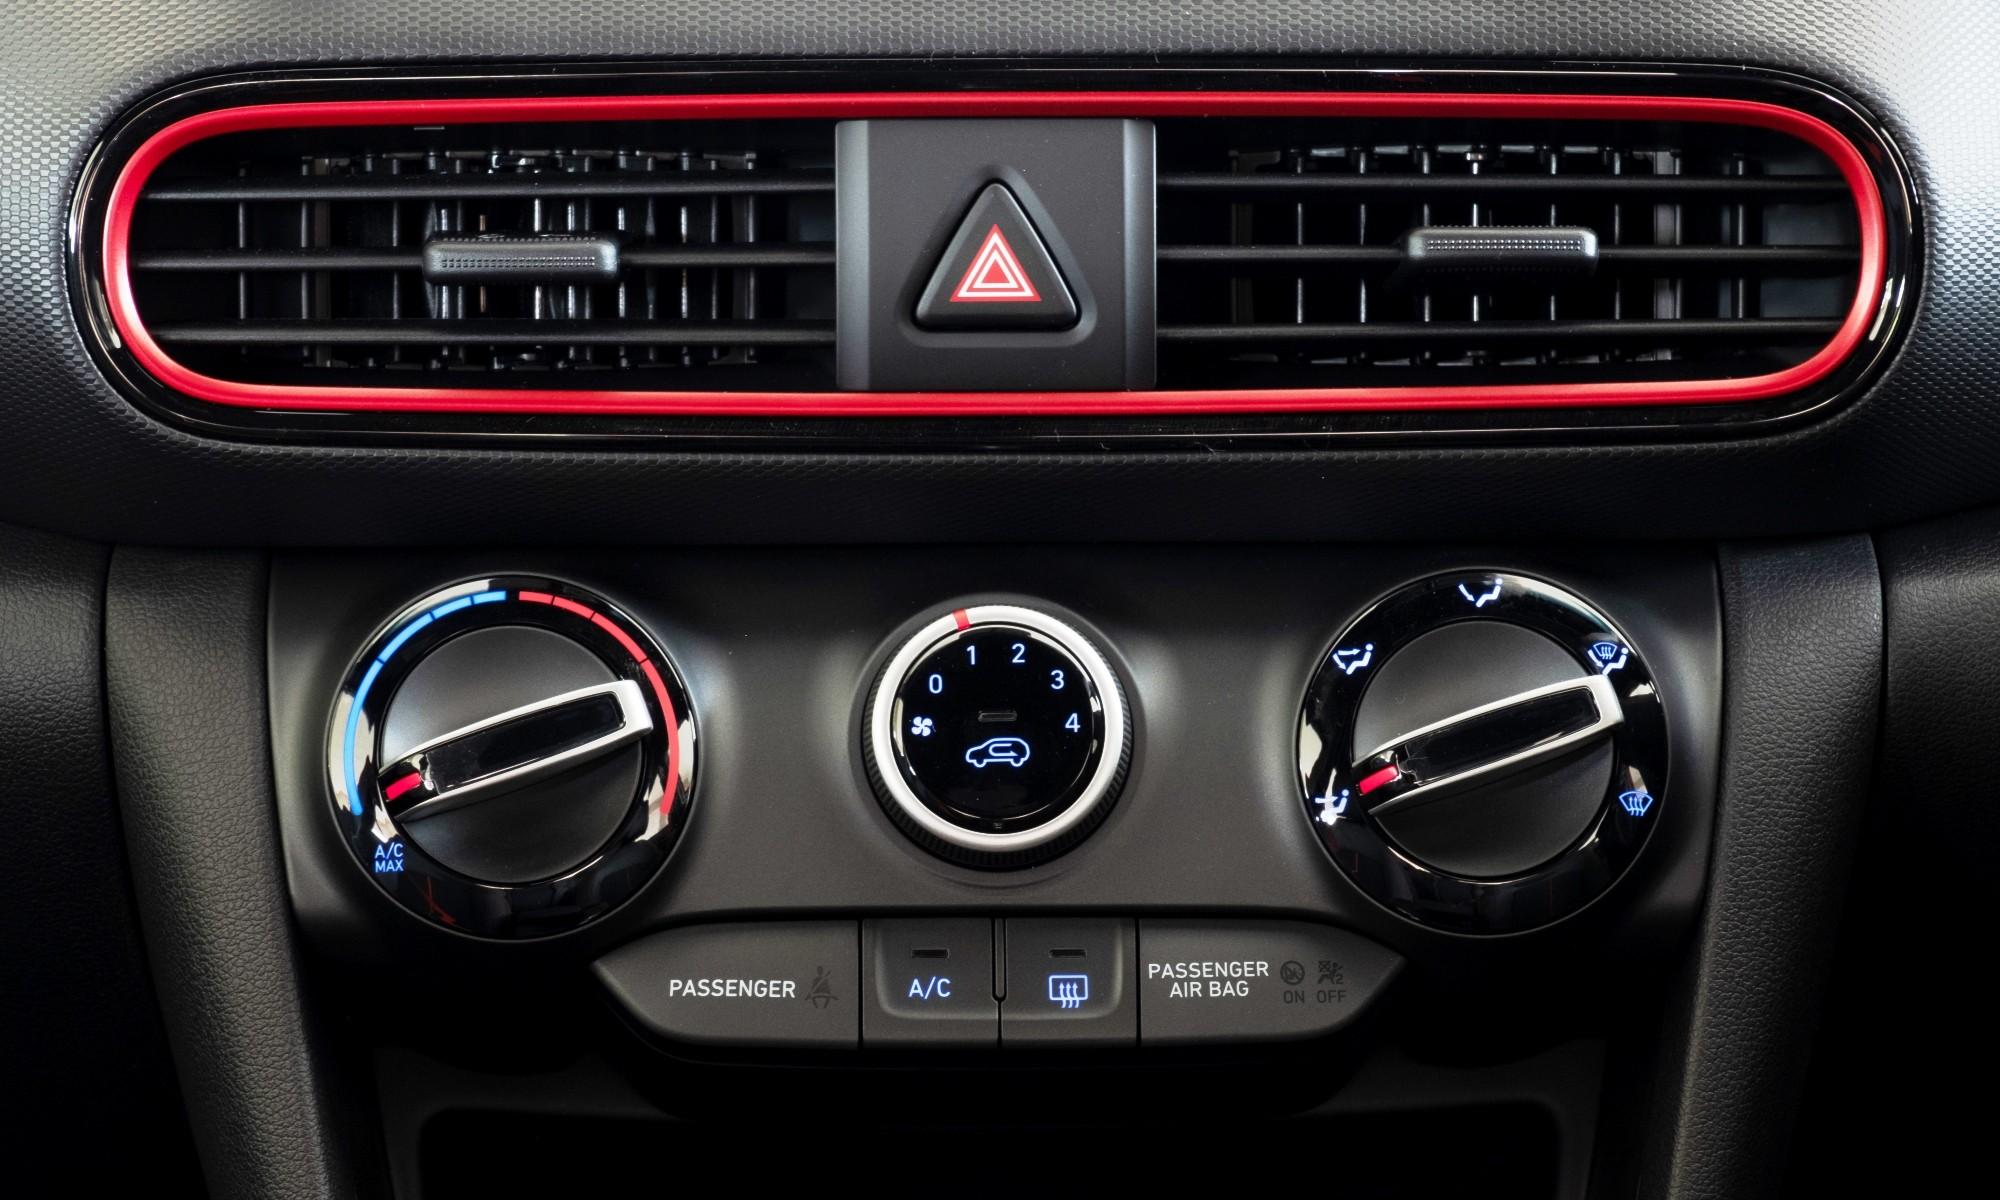 Hyundai Kona air-con